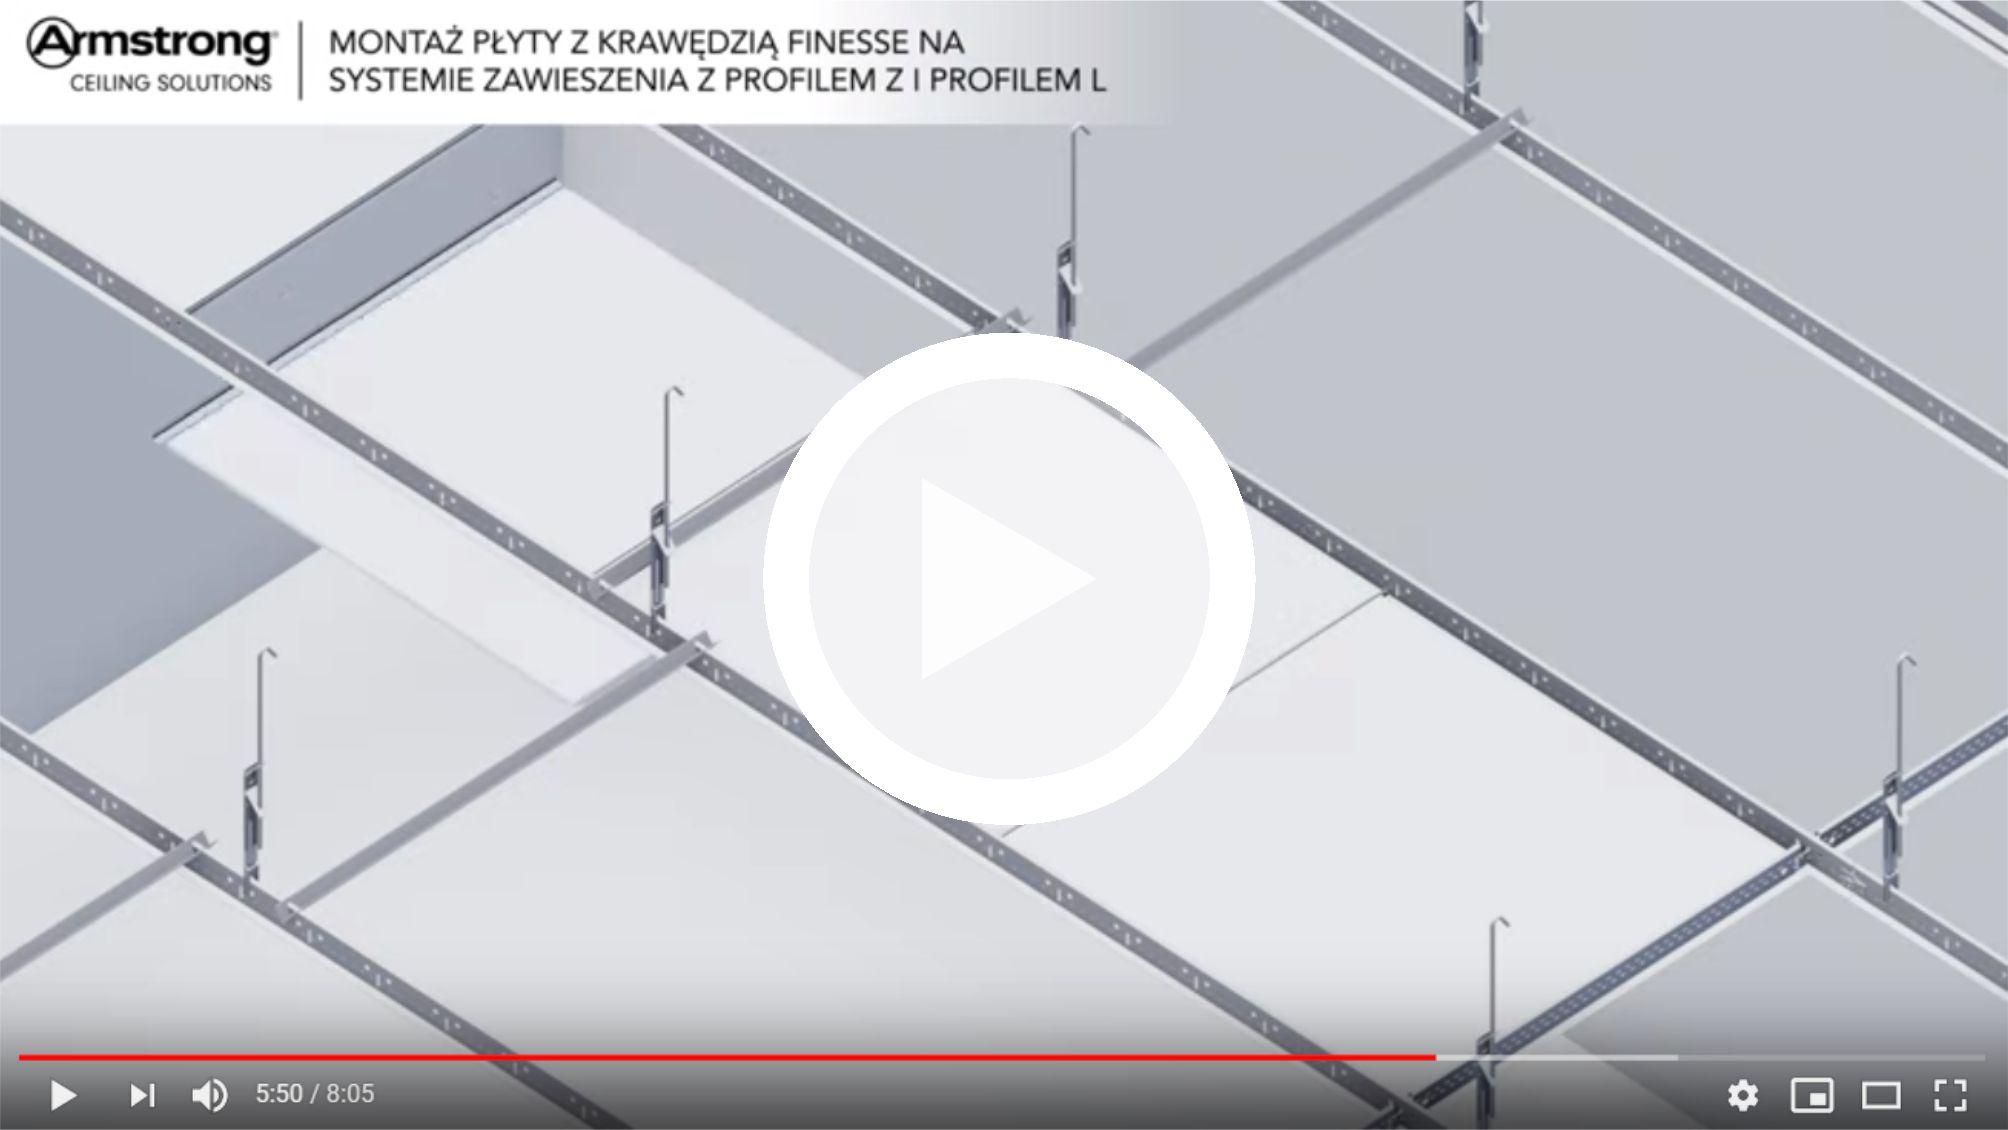 montaz-plyty-armstrong-z-krawedzia-finesse